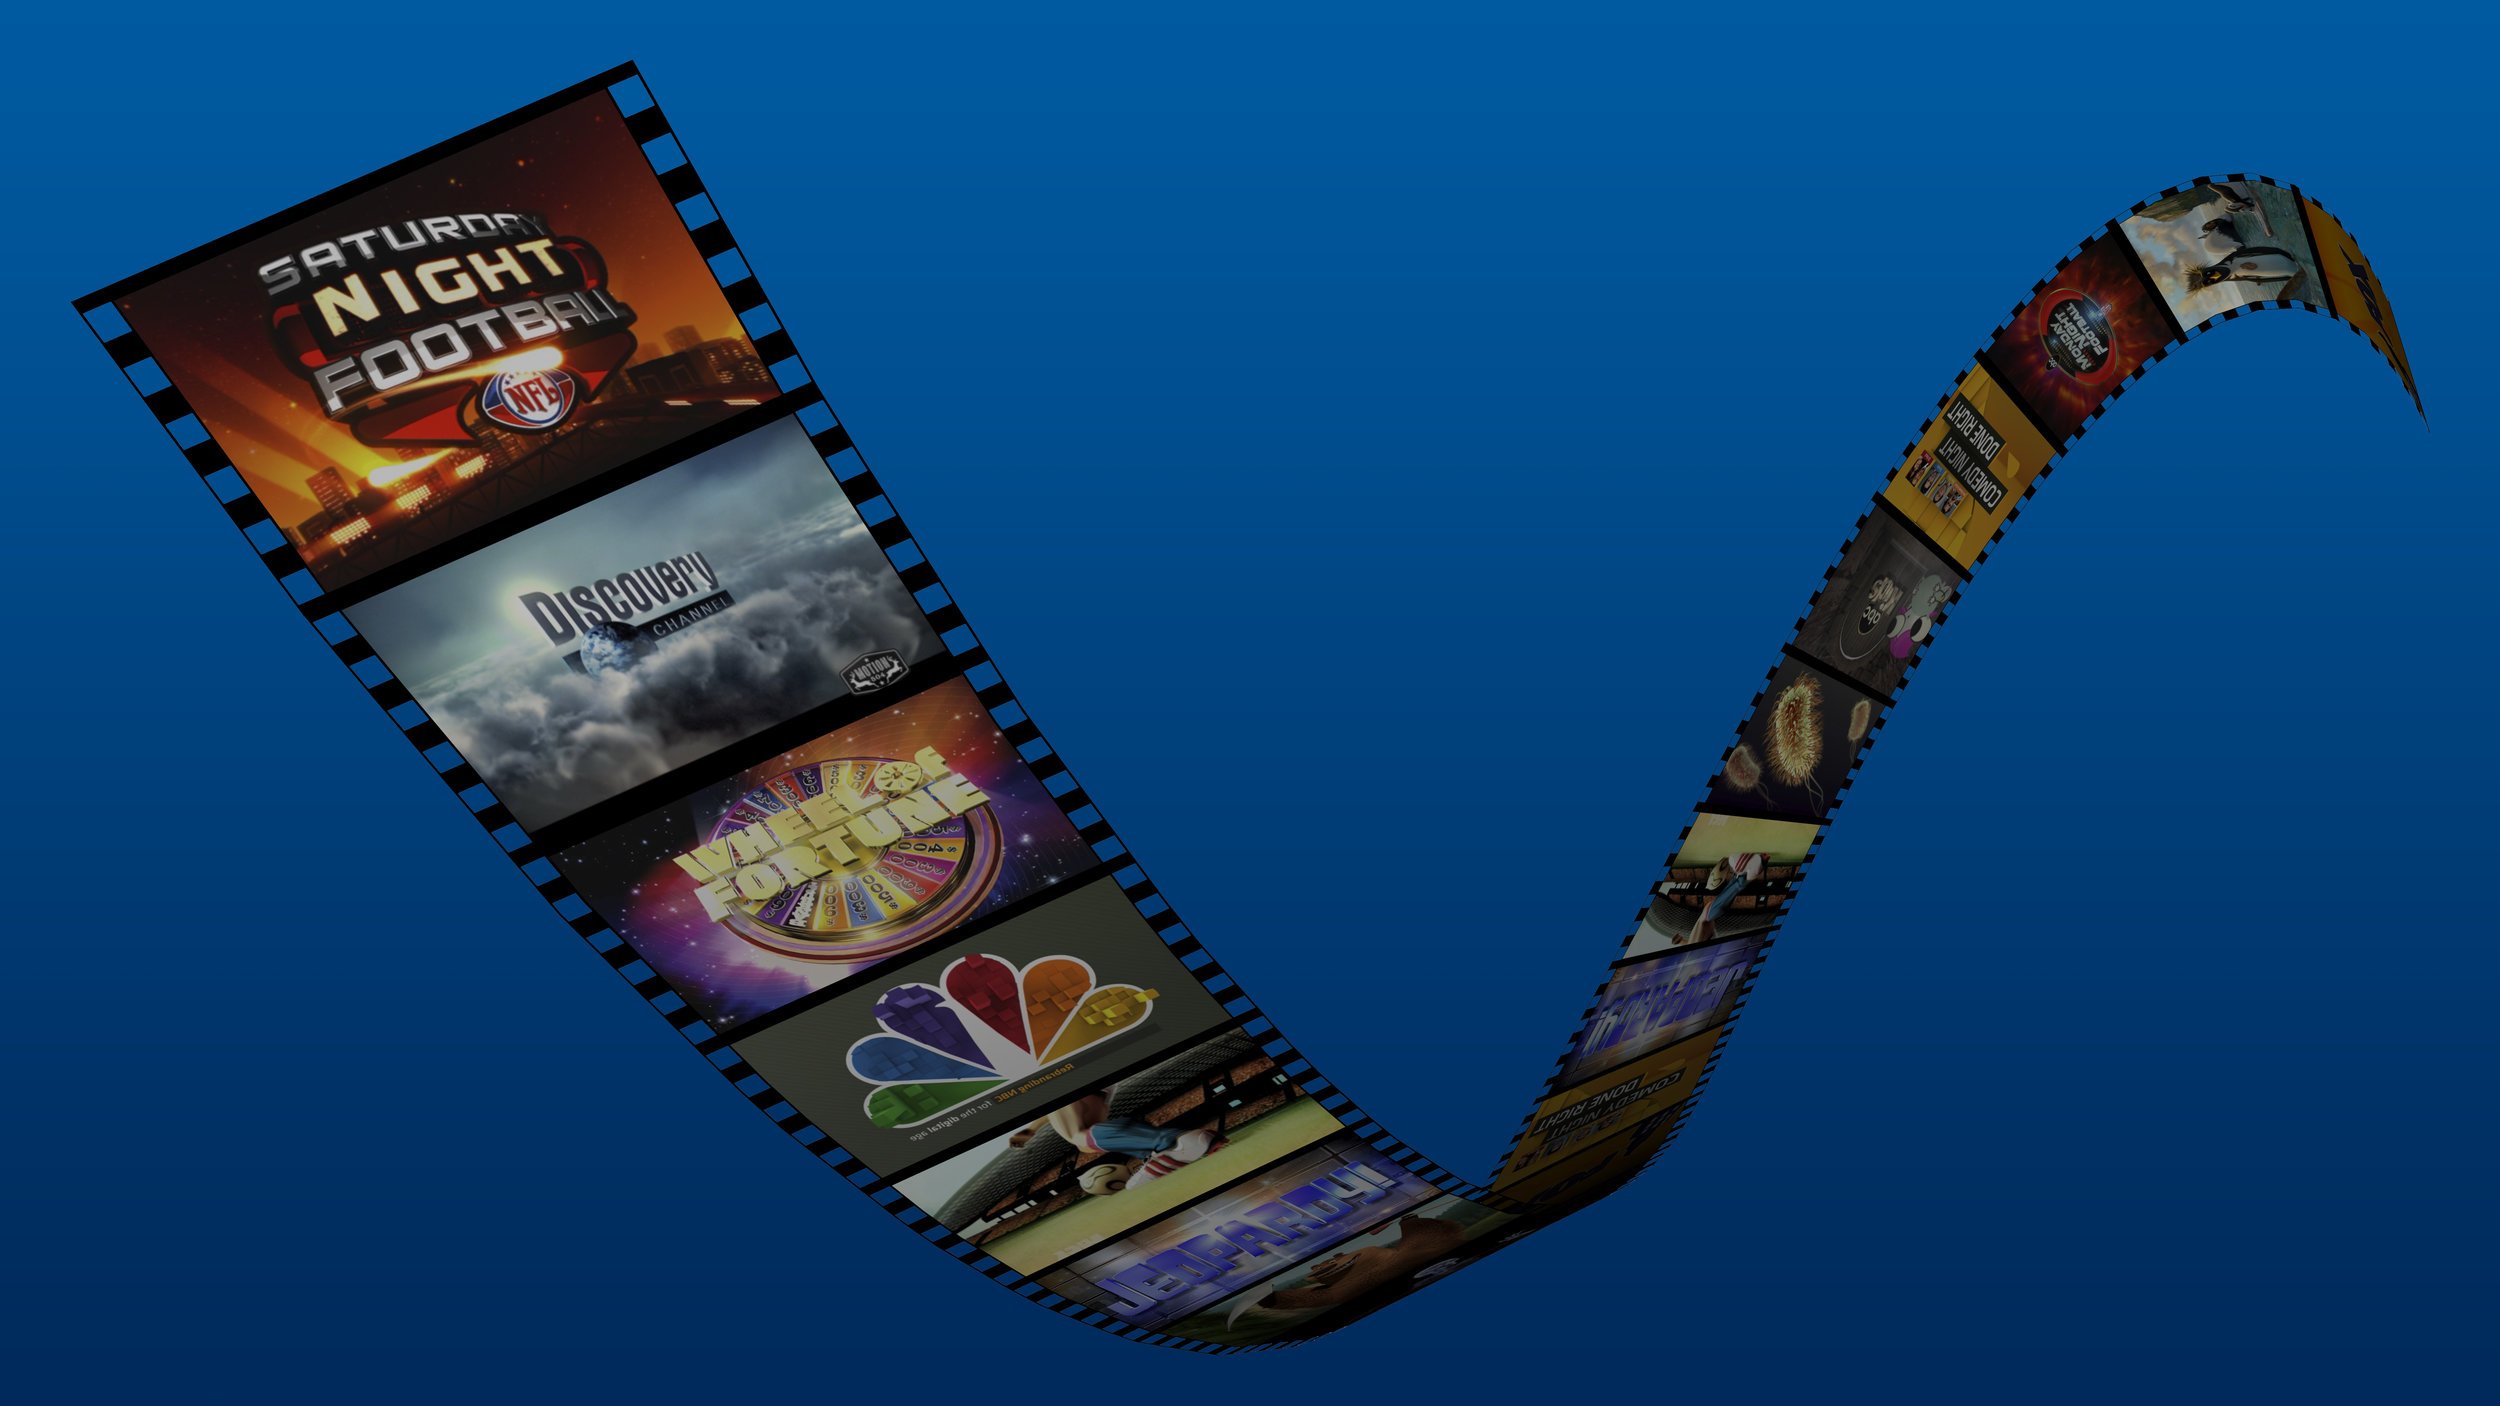 film_strip_2final0035.jpg